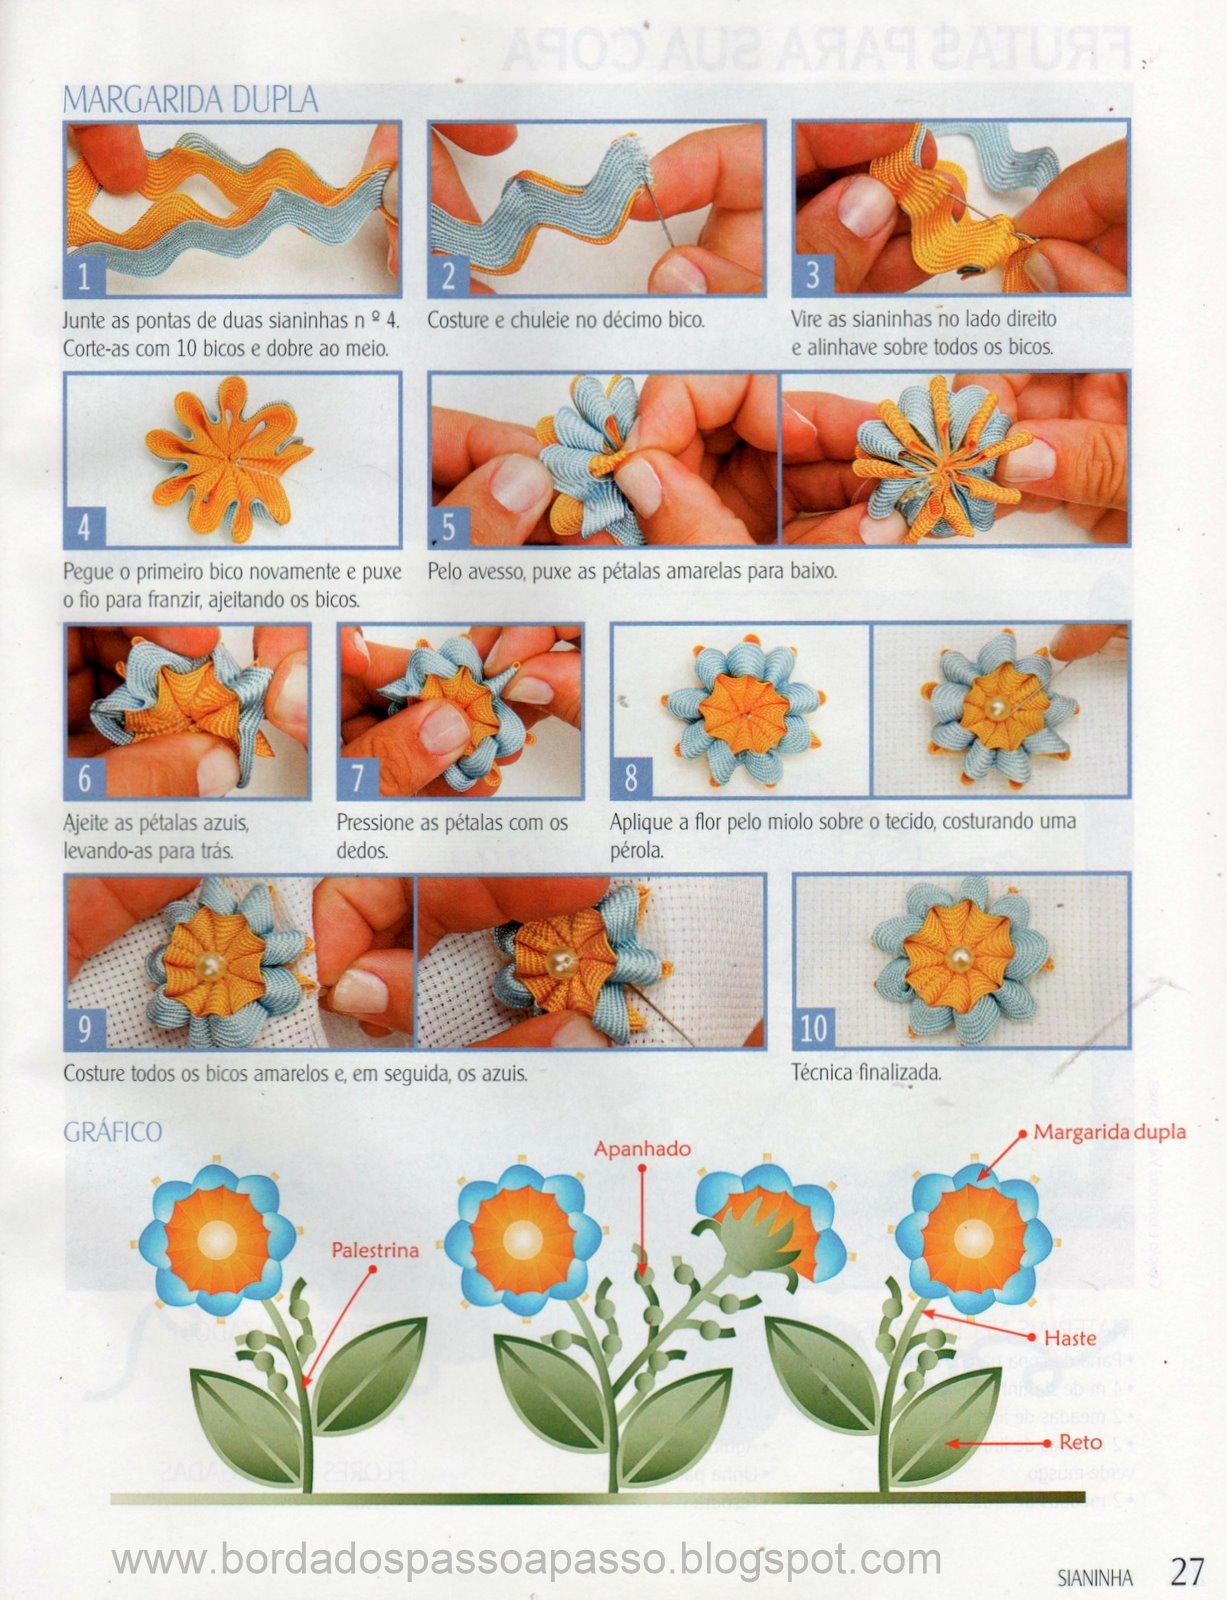 http://1.bp.blogspot.com/_zqAd5bB6G9Y/THMdONcDl6I/AAAAAAAACLU/0_ee86WU-Ow/s1600/flores+de+sinhaninha+em+duas+cores+001.jpg